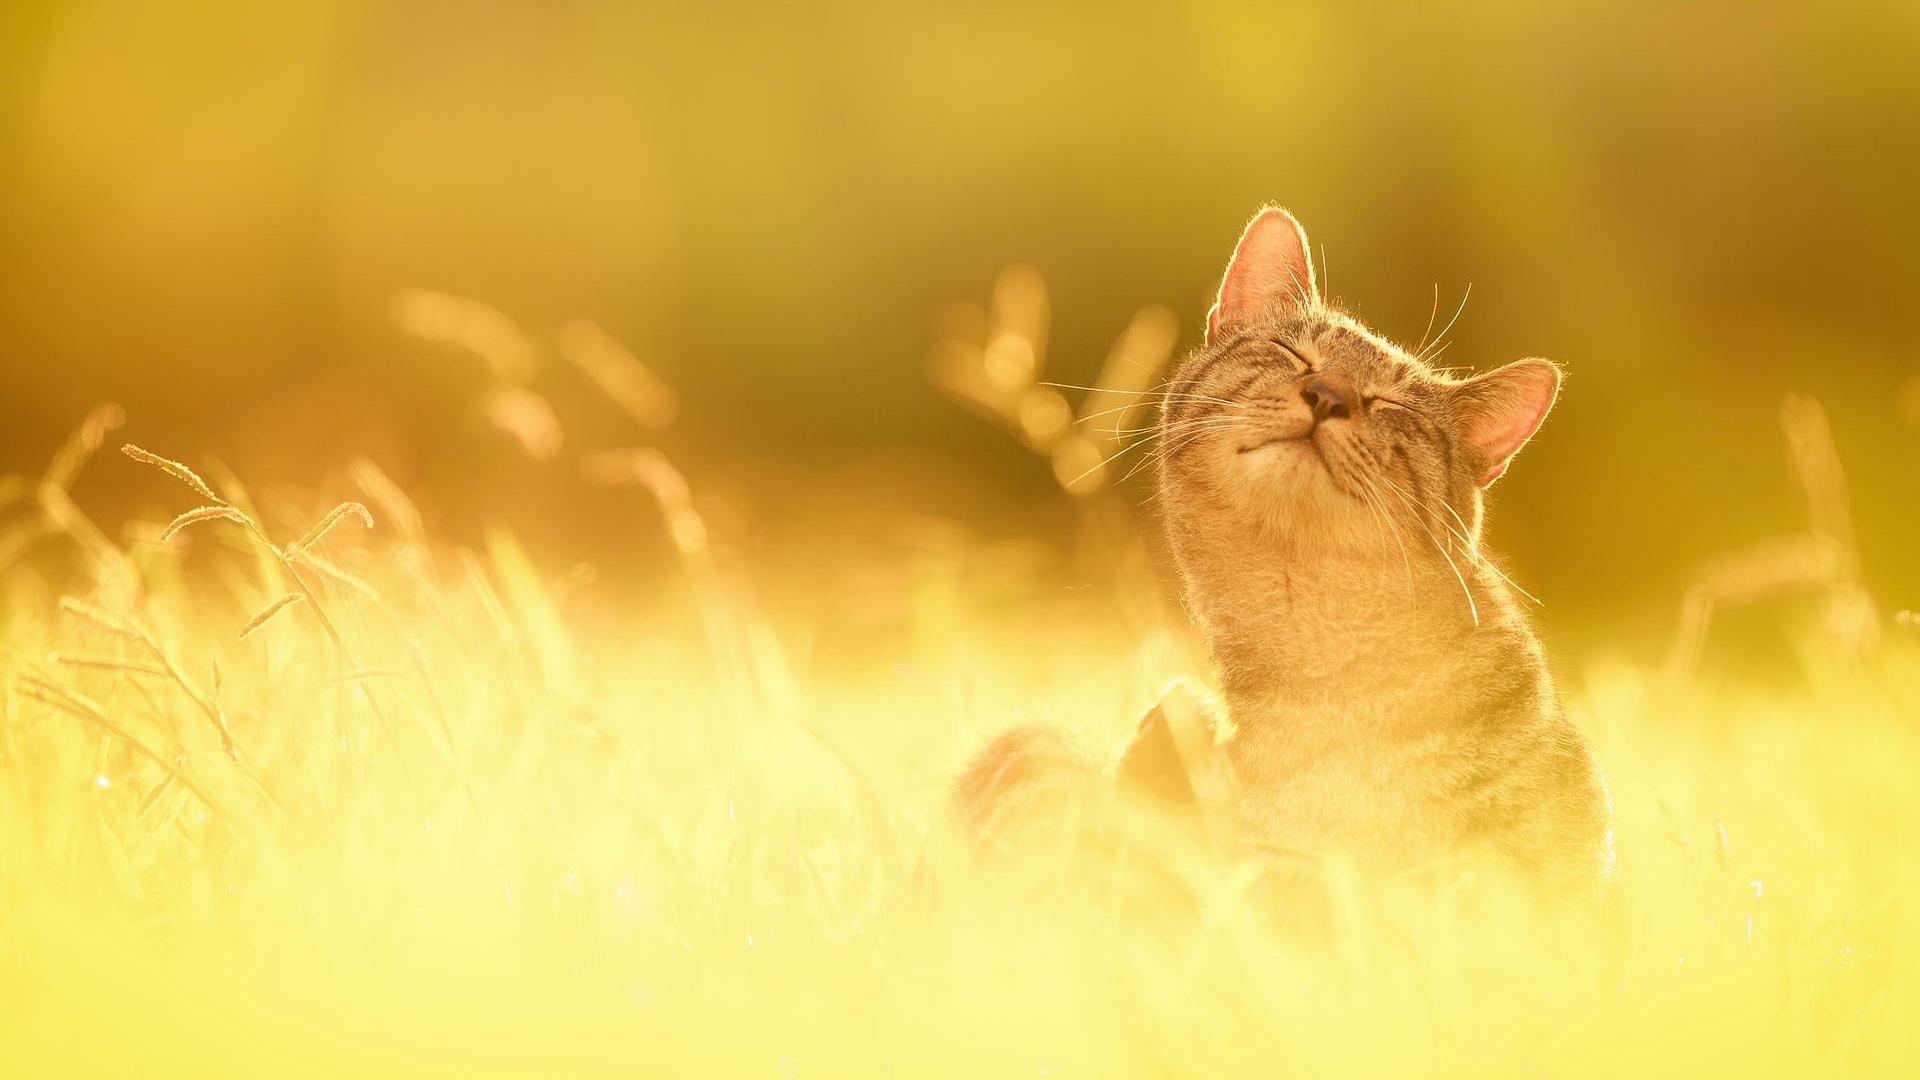 Cat desktop background